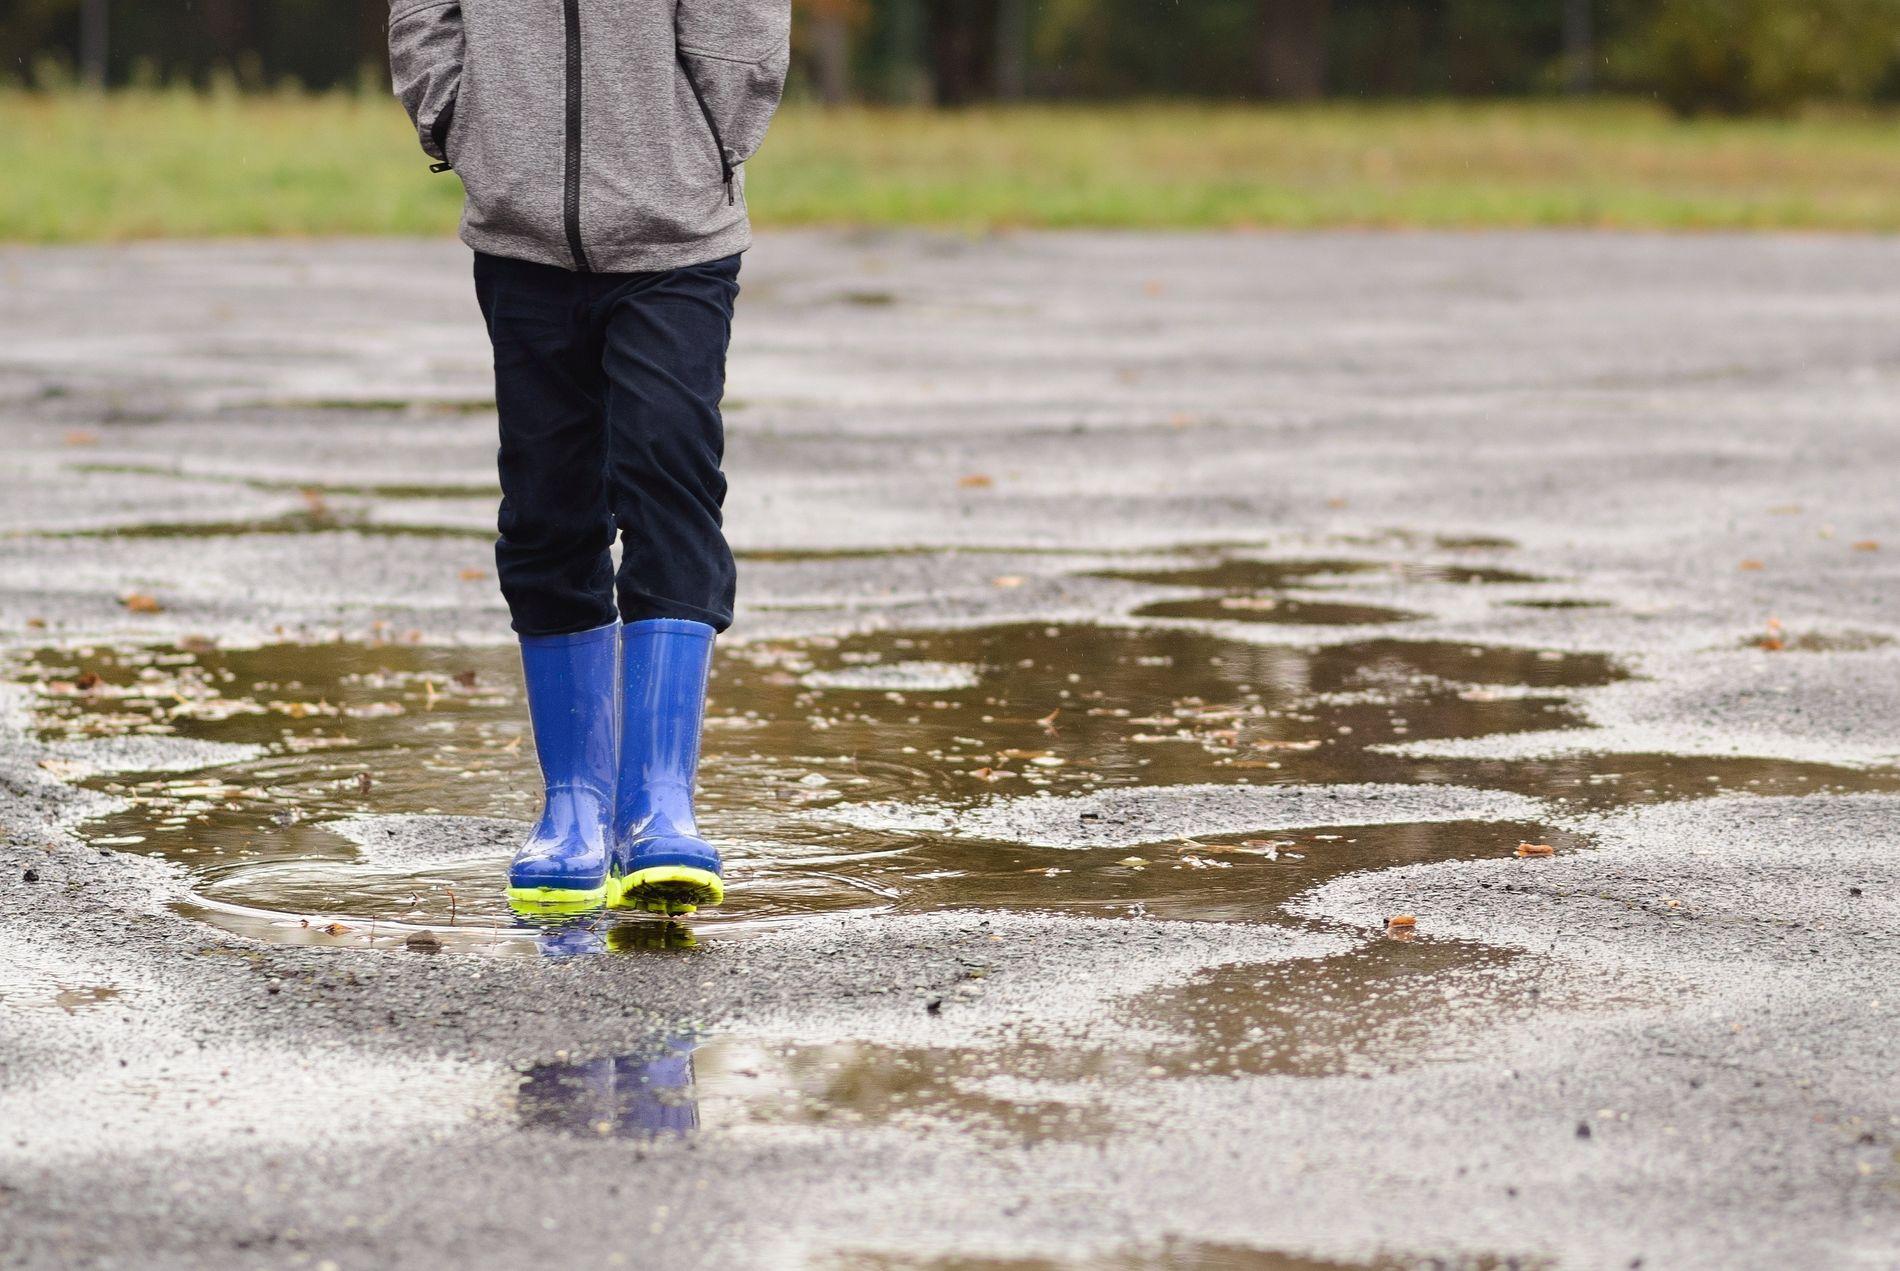 UTETVANG: Det hjelper ikke om det er tre grader, regn og piskende vind. Ut skal elevene. De voksne, som kan velge selv, sitter inne – med unntak av dem som er satt opp på inspeksjon, skriver innsender.